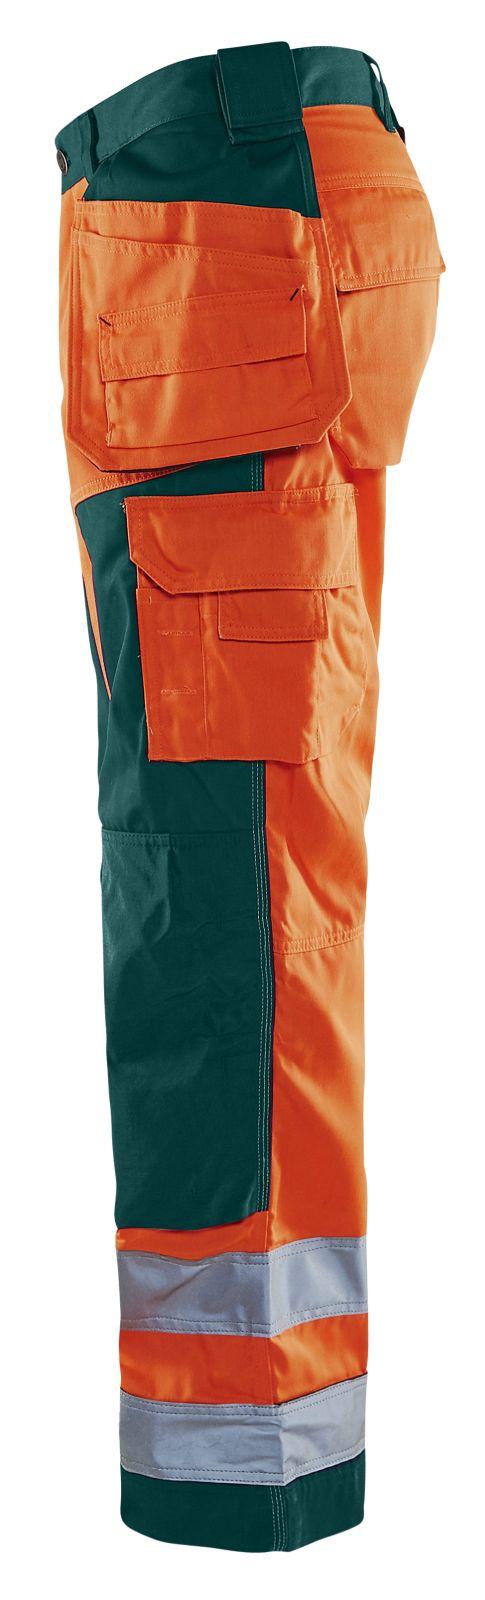 Blaklader Broeken 15681811 High Vis fluo oranje-groen(5349)